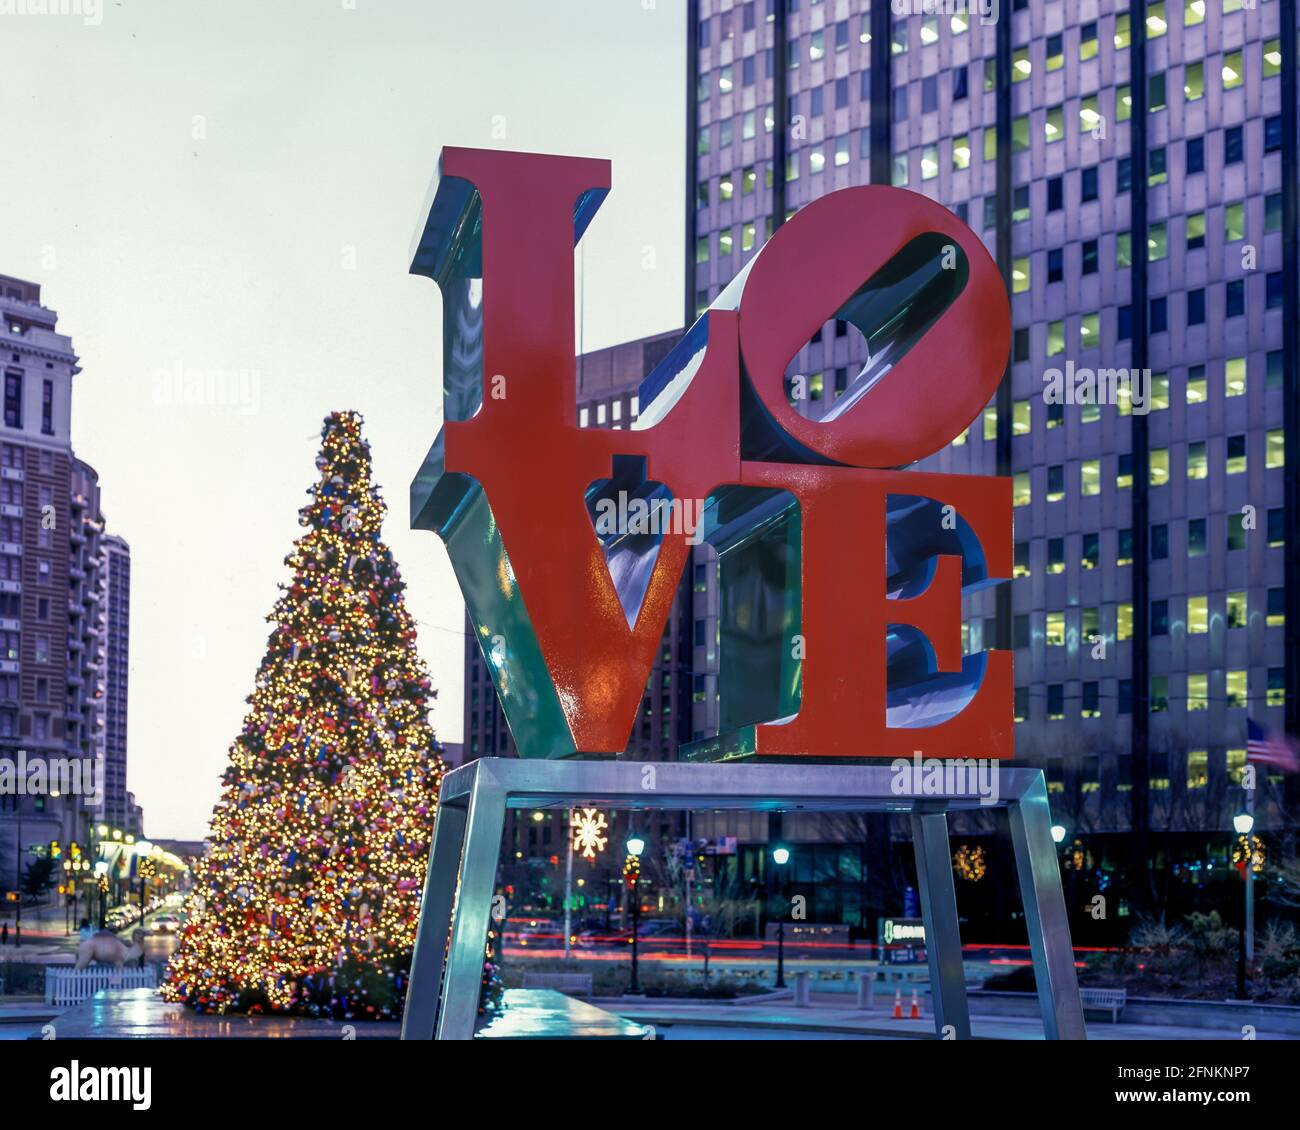 Kennedy Plaza Christmas Tree Lighting 2021 Christmas 1970 High Resolution Stock Photography And Images Alamy